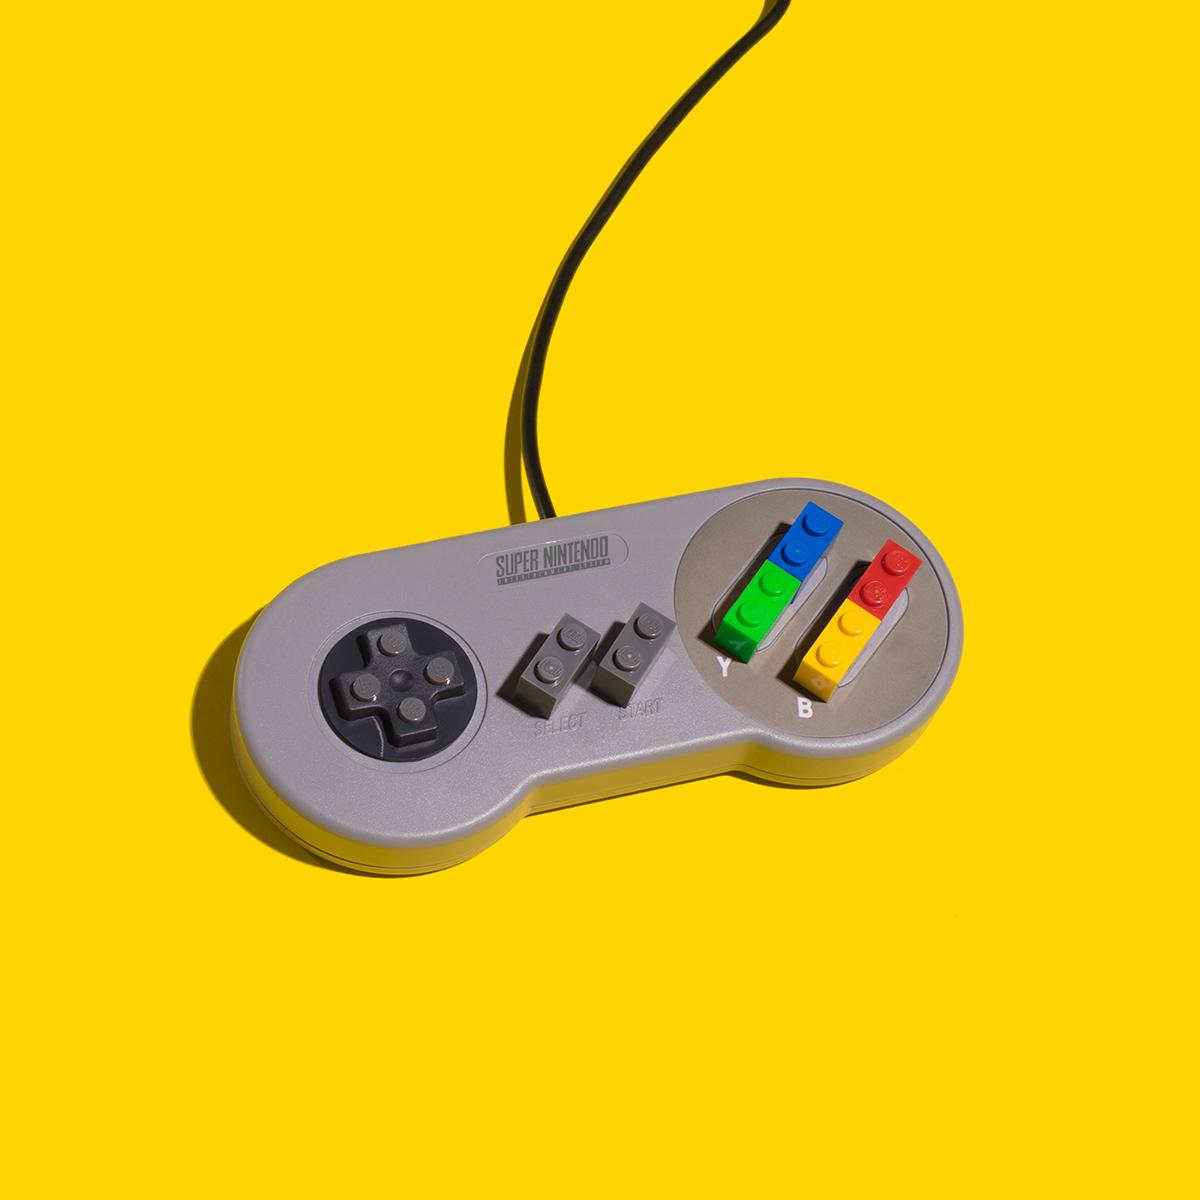 LEGO Controller